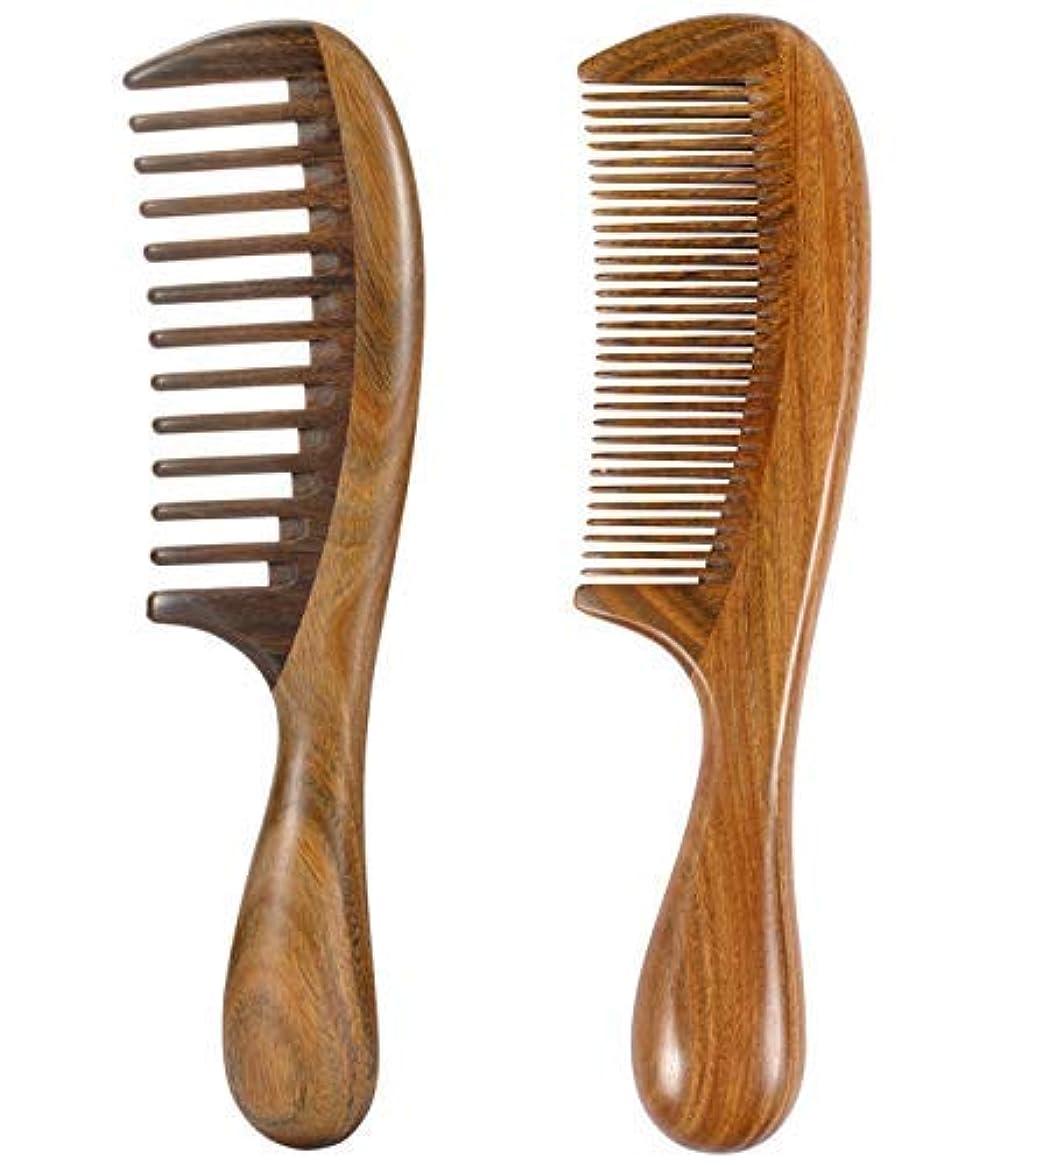 ピルファー窒素担保iPang 2pcs Wooden Hair Comb Wide Tooth Comb and Find Tooth Comb Detangling Sandalwood Comb [並行輸入品]